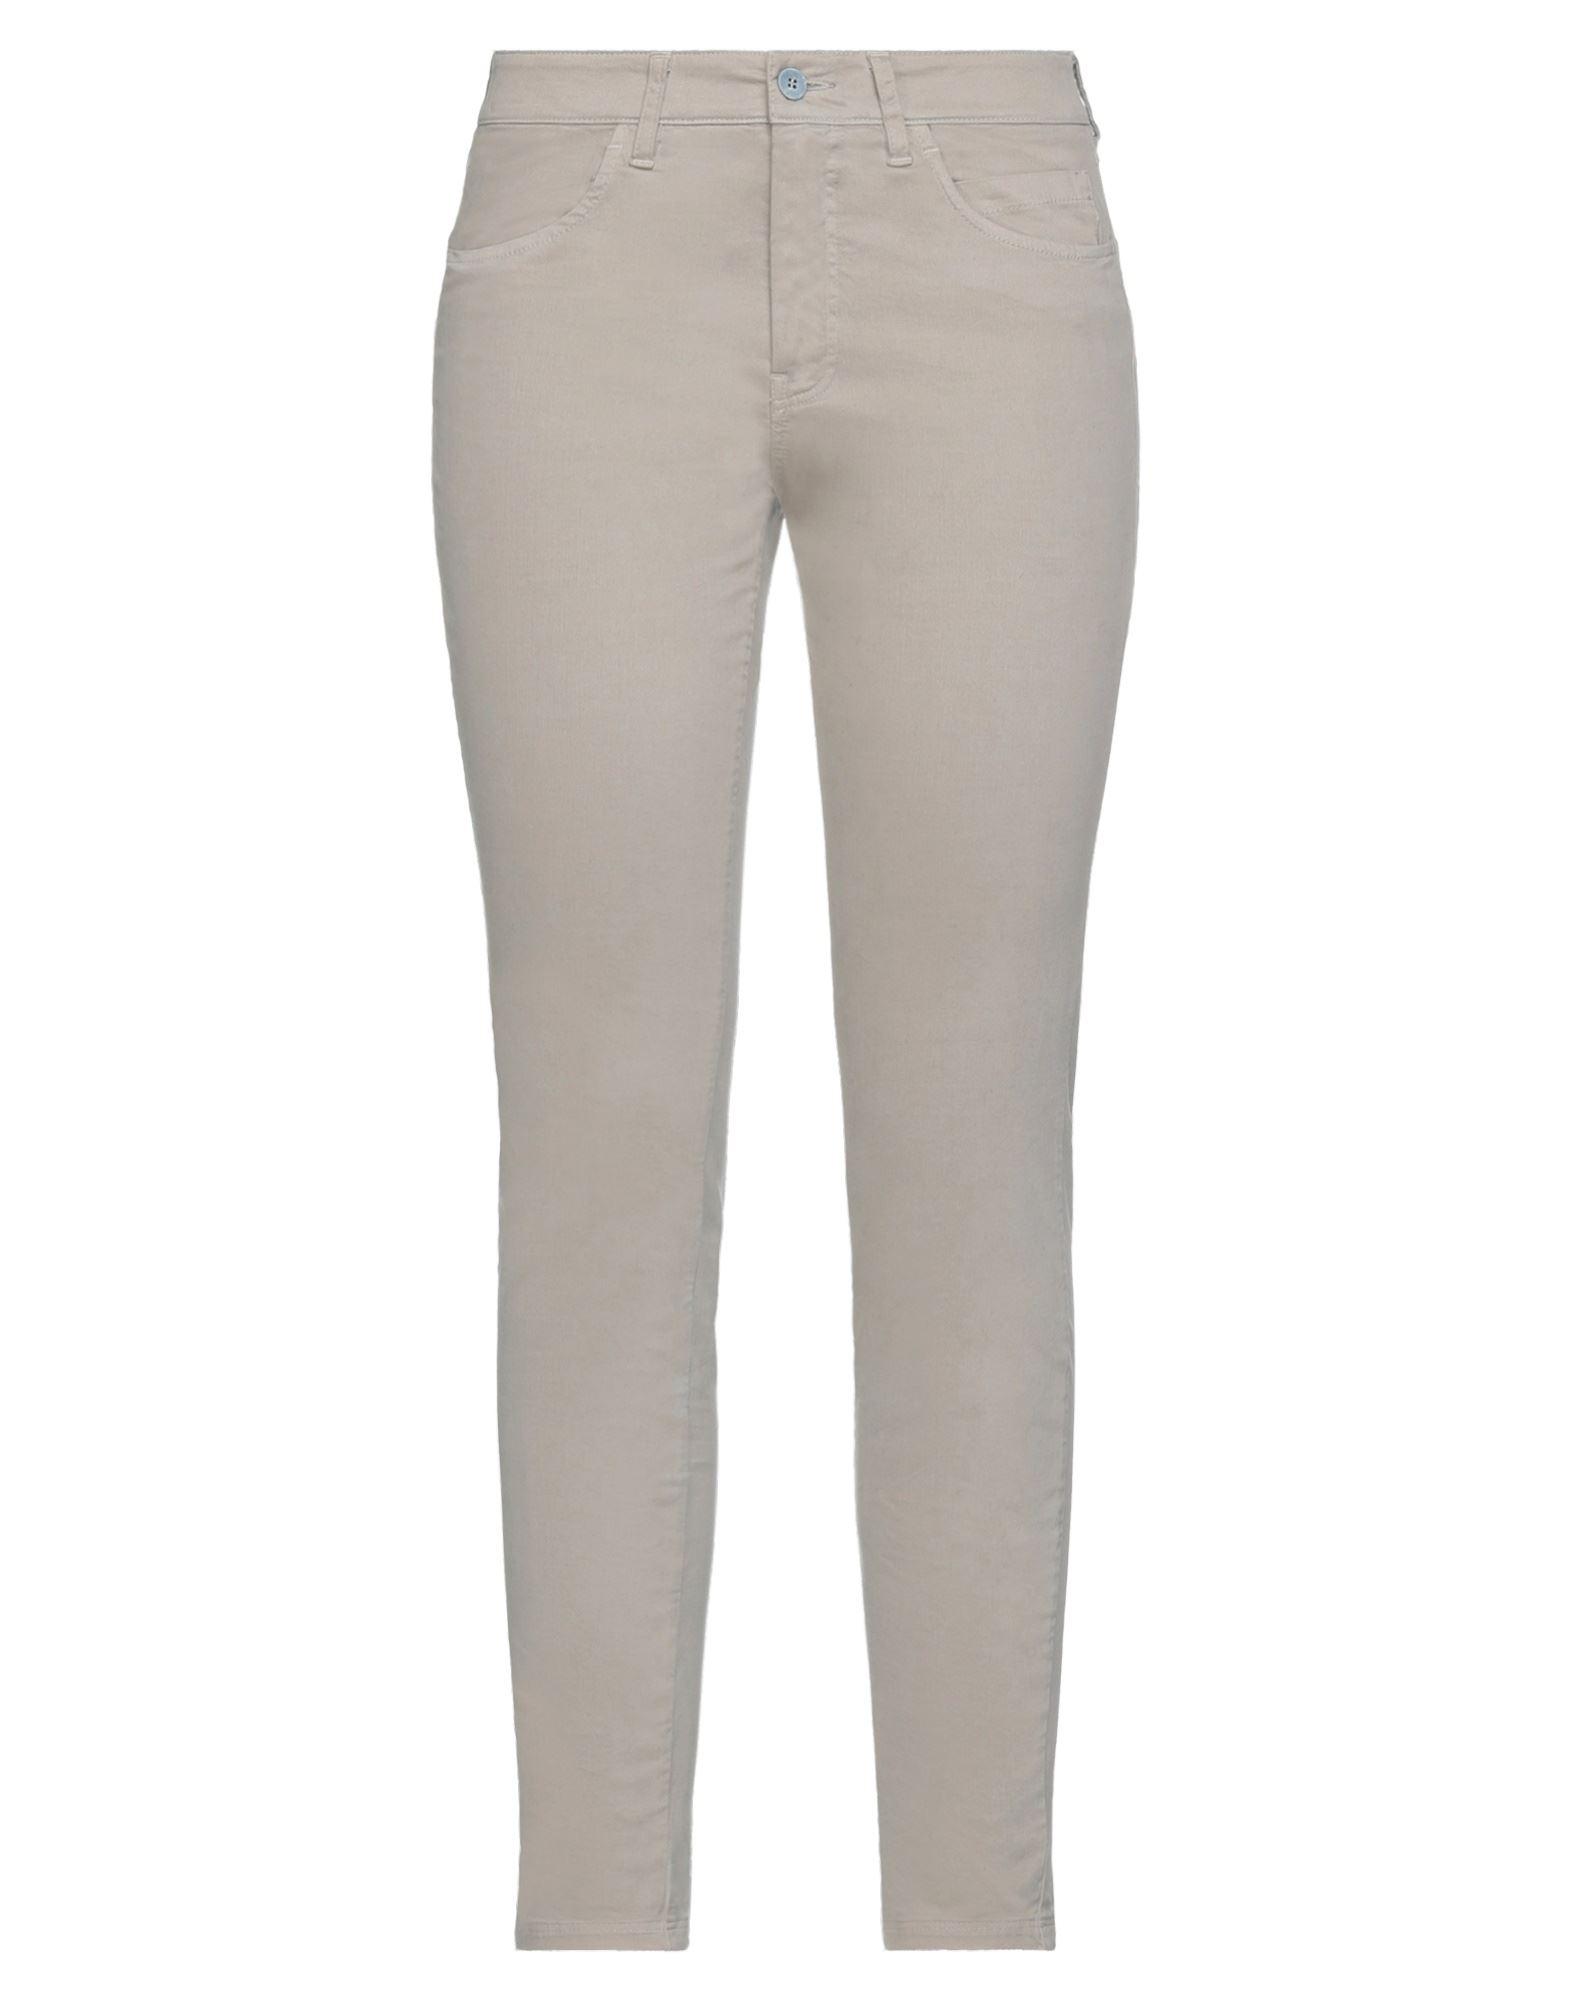 TRANSIT PAR-SUCH Casual pants - Item 13586275